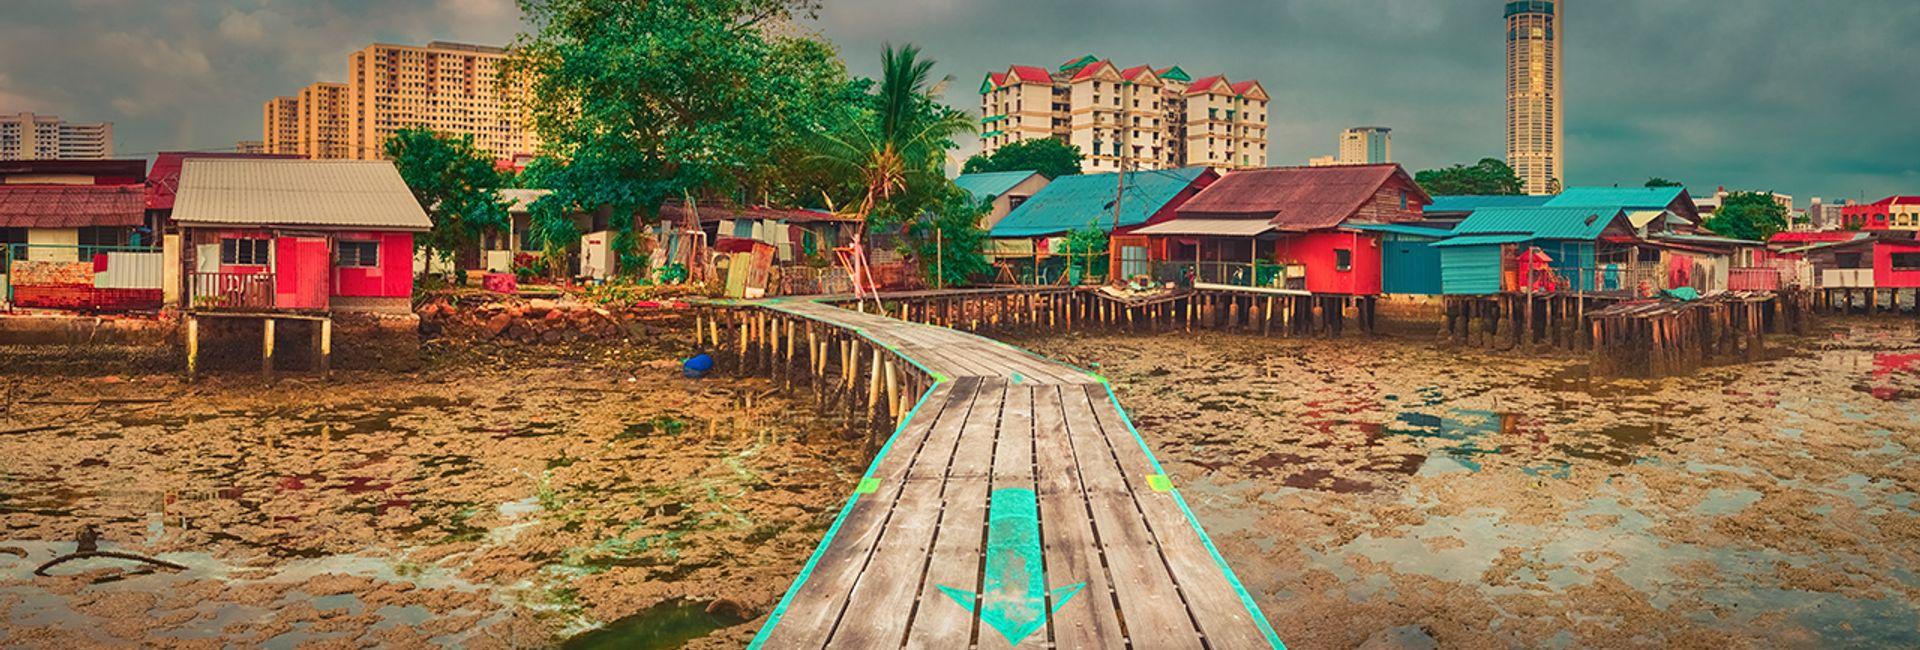 11 điểm tham quan không nên bỏ lỡ ở George Town, Penang